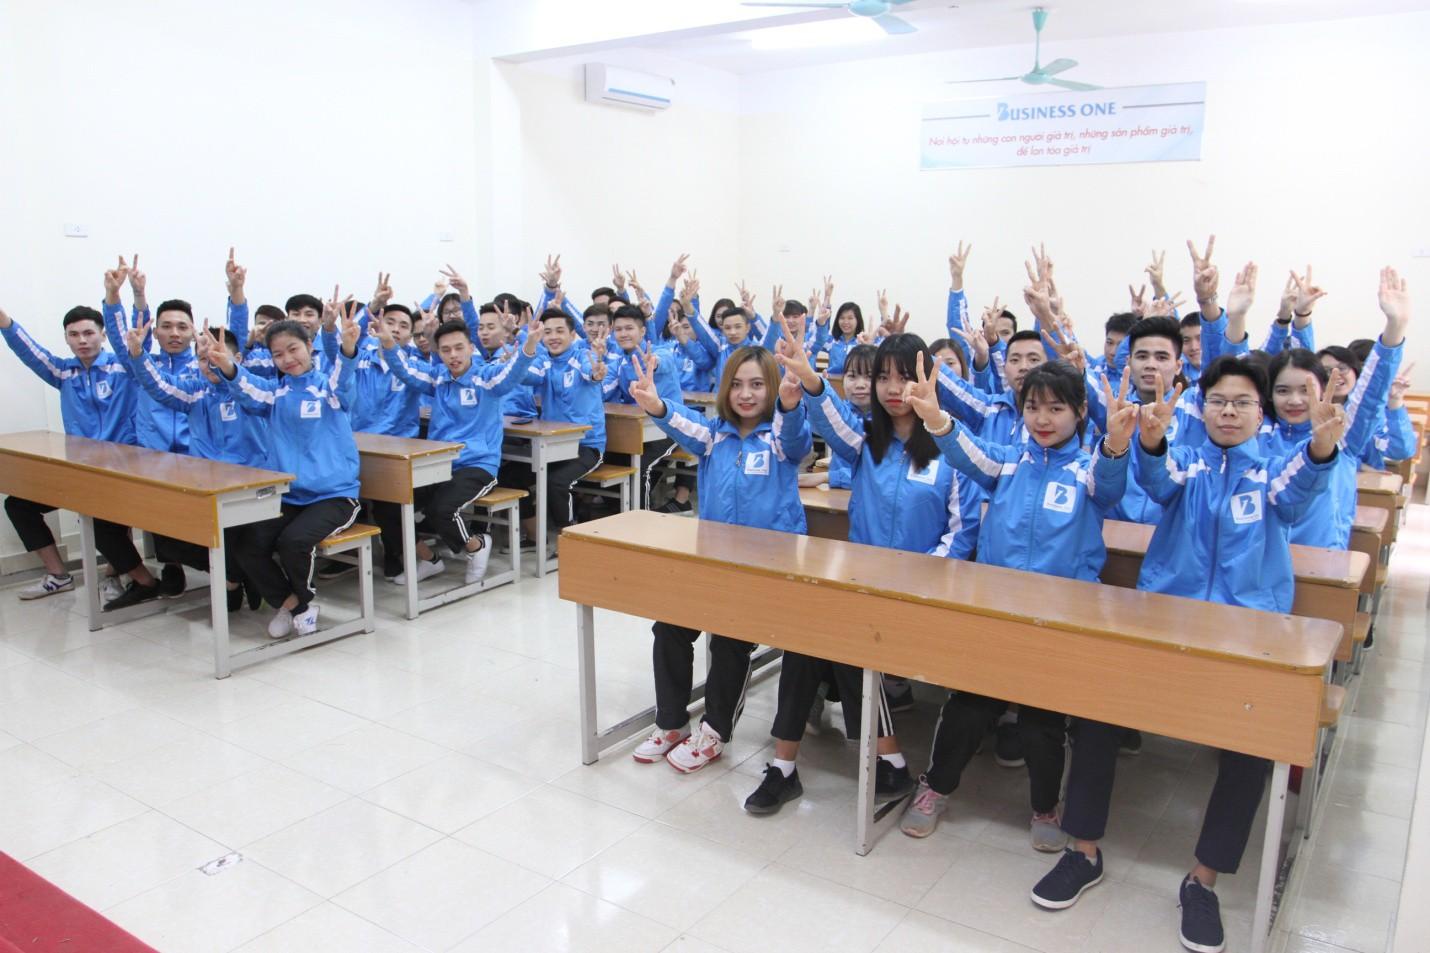 Vì sao các bạn trẻ lại lựa chọn trường Doanh nhân CEO Việt Nam? - Ảnh 3.